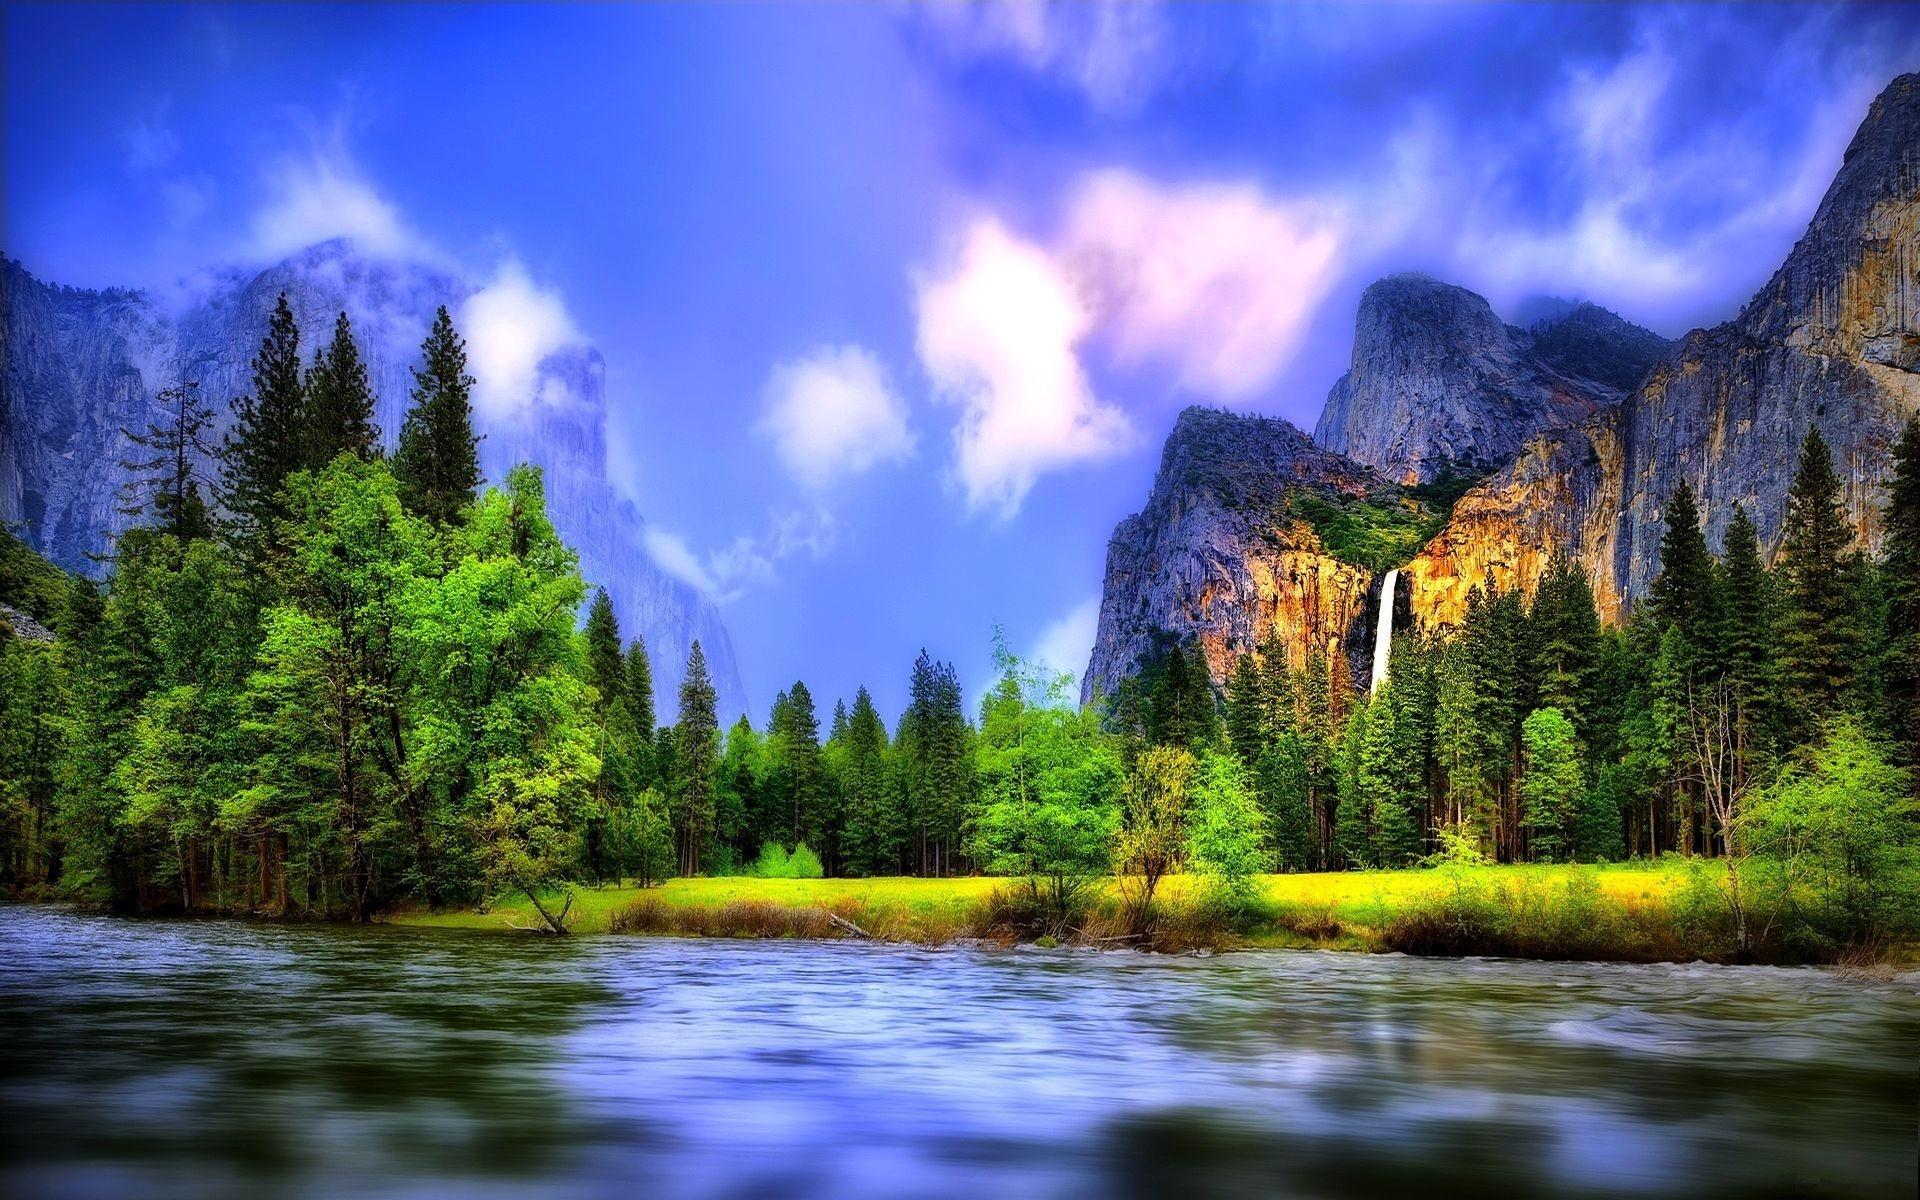 fonds d 39 cran beau paysage rivi re for t cascades montagnes 1920x1200 hd image. Black Bedroom Furniture Sets. Home Design Ideas